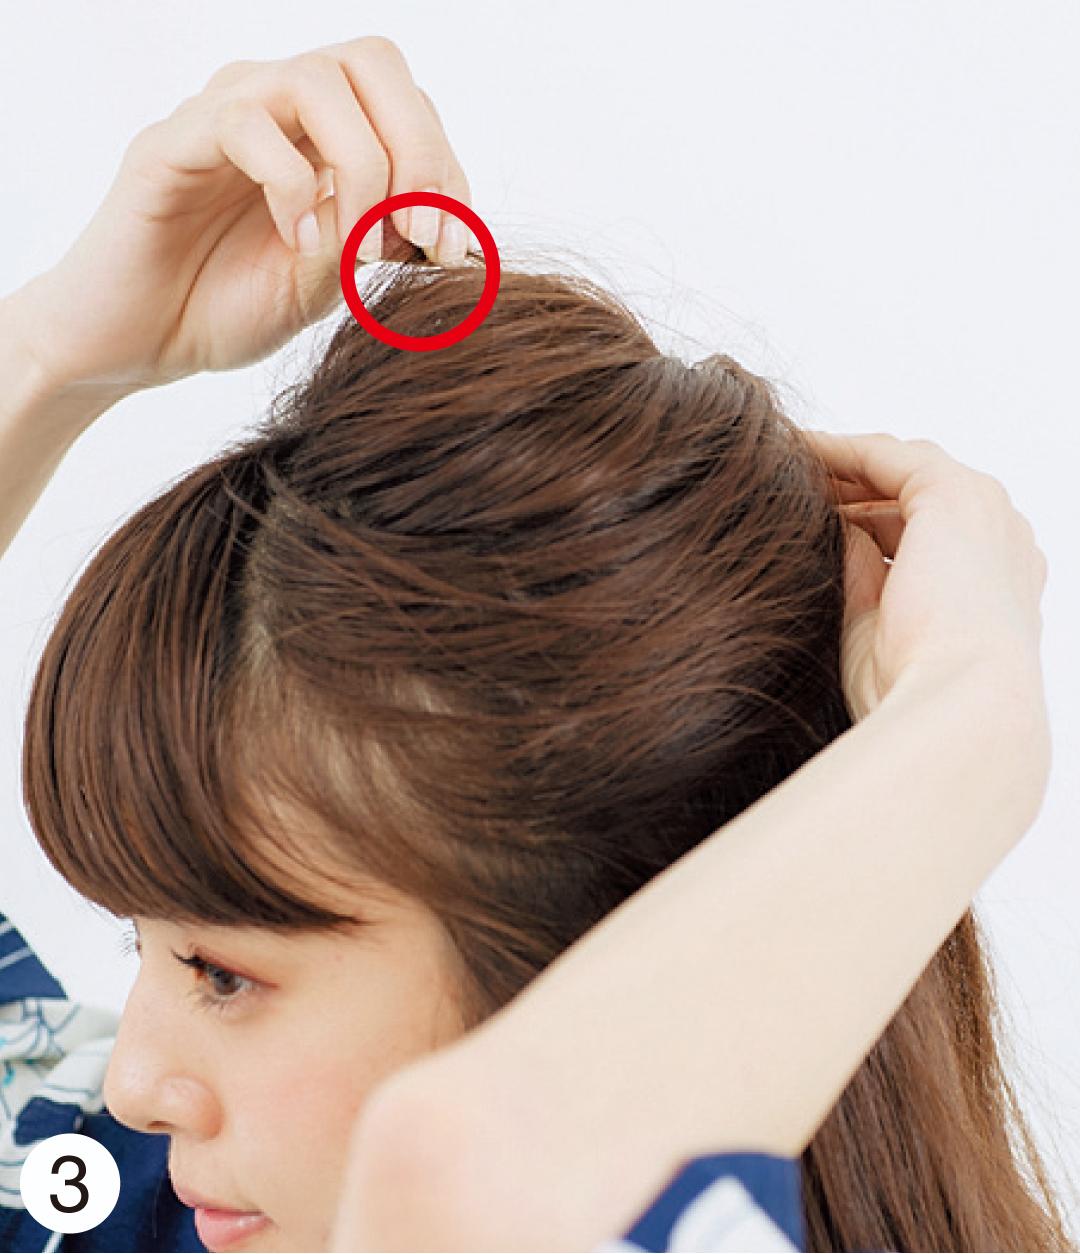 ピンで固定した位置をしっかり押さえ、トップの毛束を少しずつ引き出して。仕上げに前からも見えるよう、トップ近くに髪飾りを。